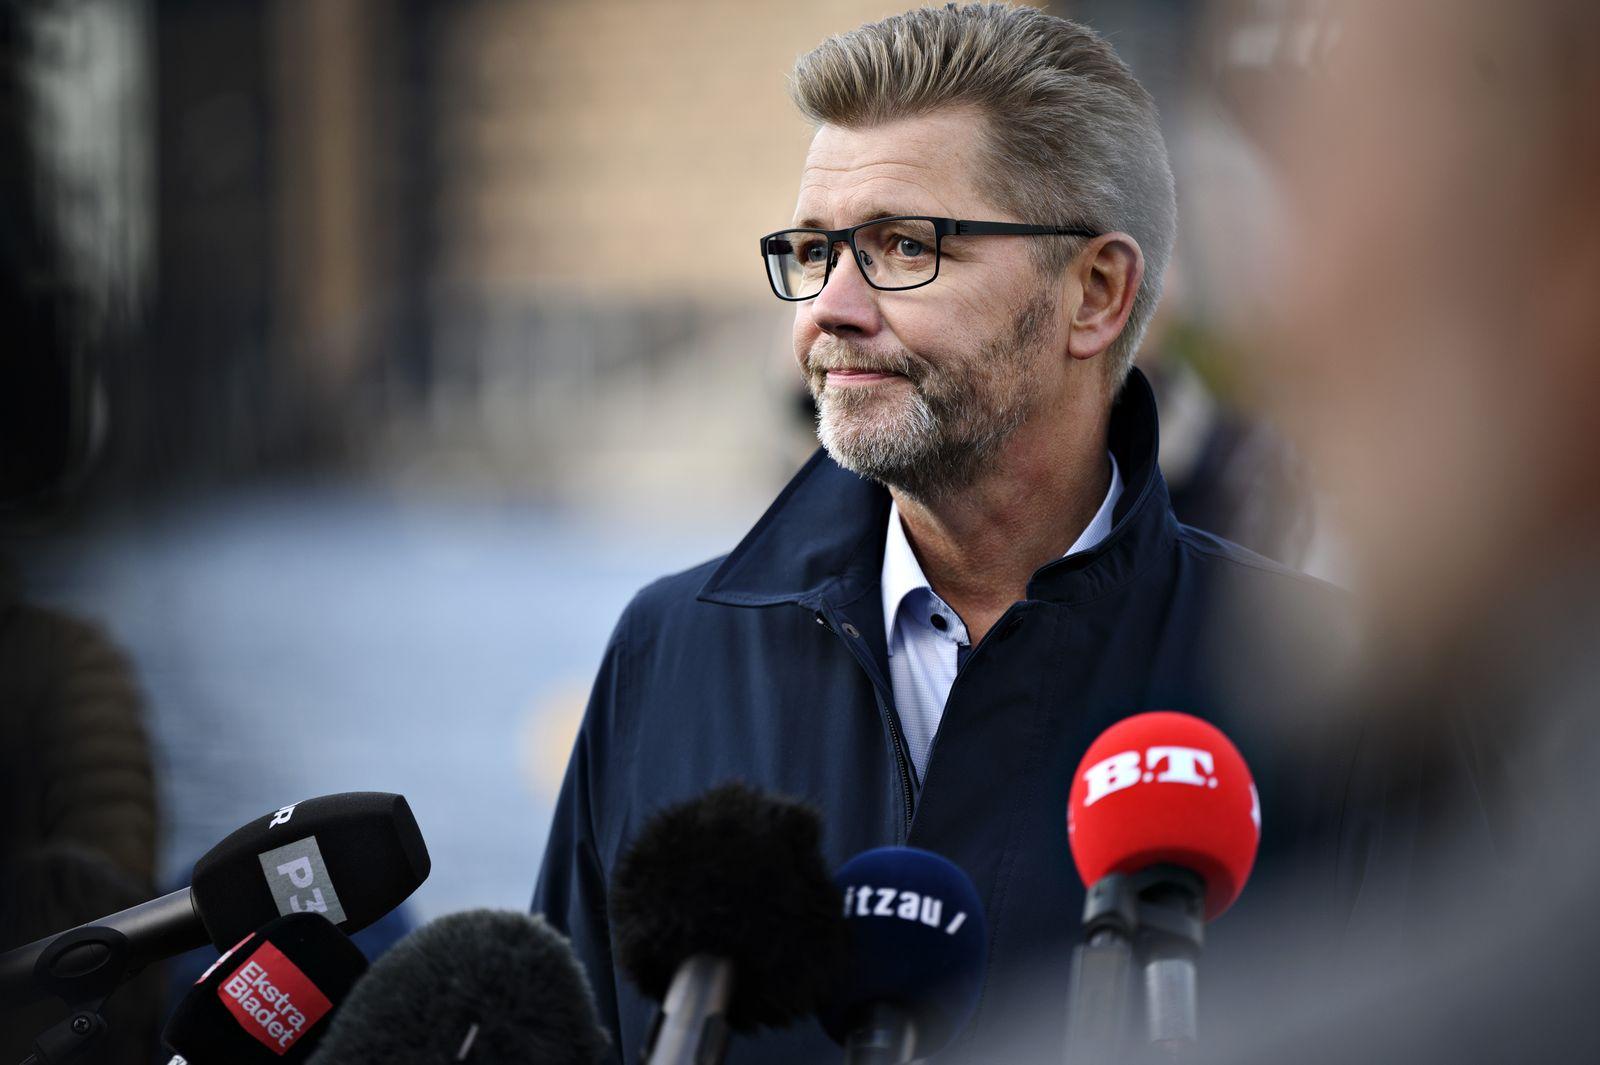 Mayor of Copenhagen Frank Jensen to resign, Denmark - 19 Oct 2020